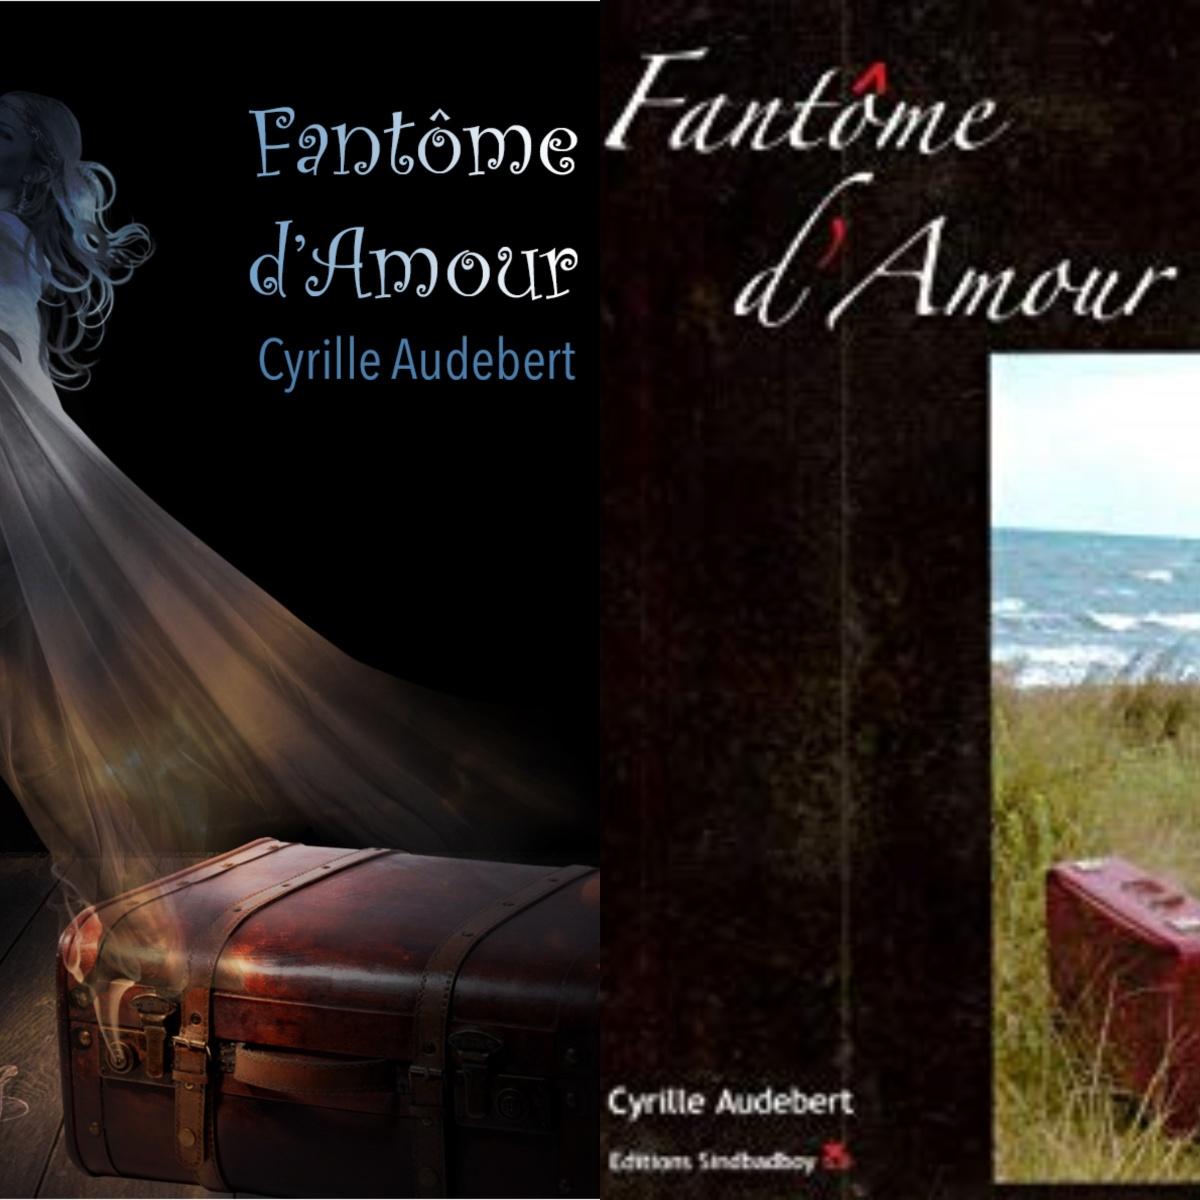 Fantôme d'amour – Cyrille Audebert –2009